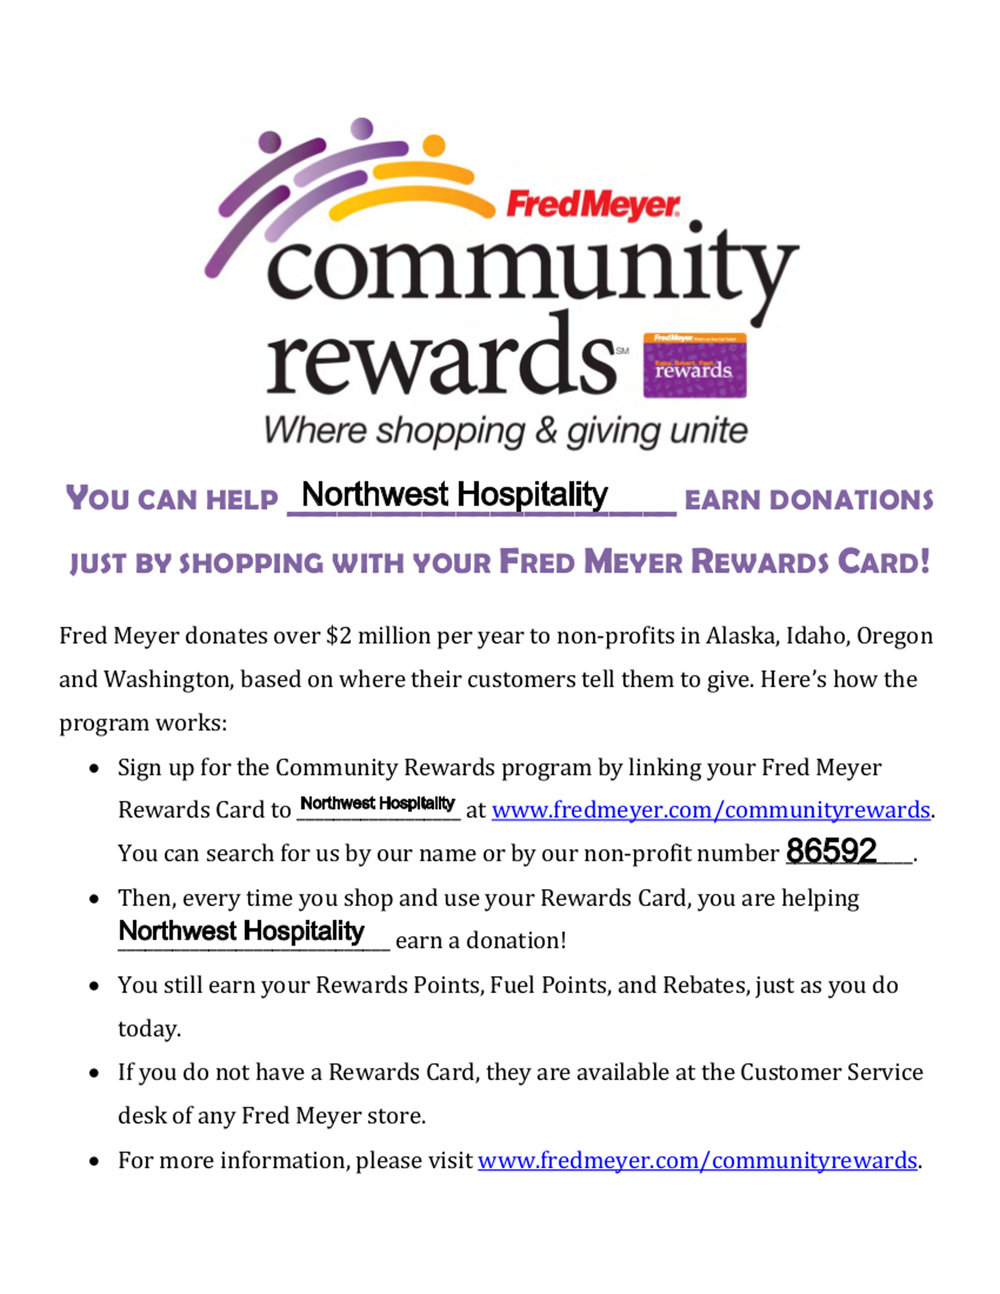 Fred+Meyer+community+rewards.jpg